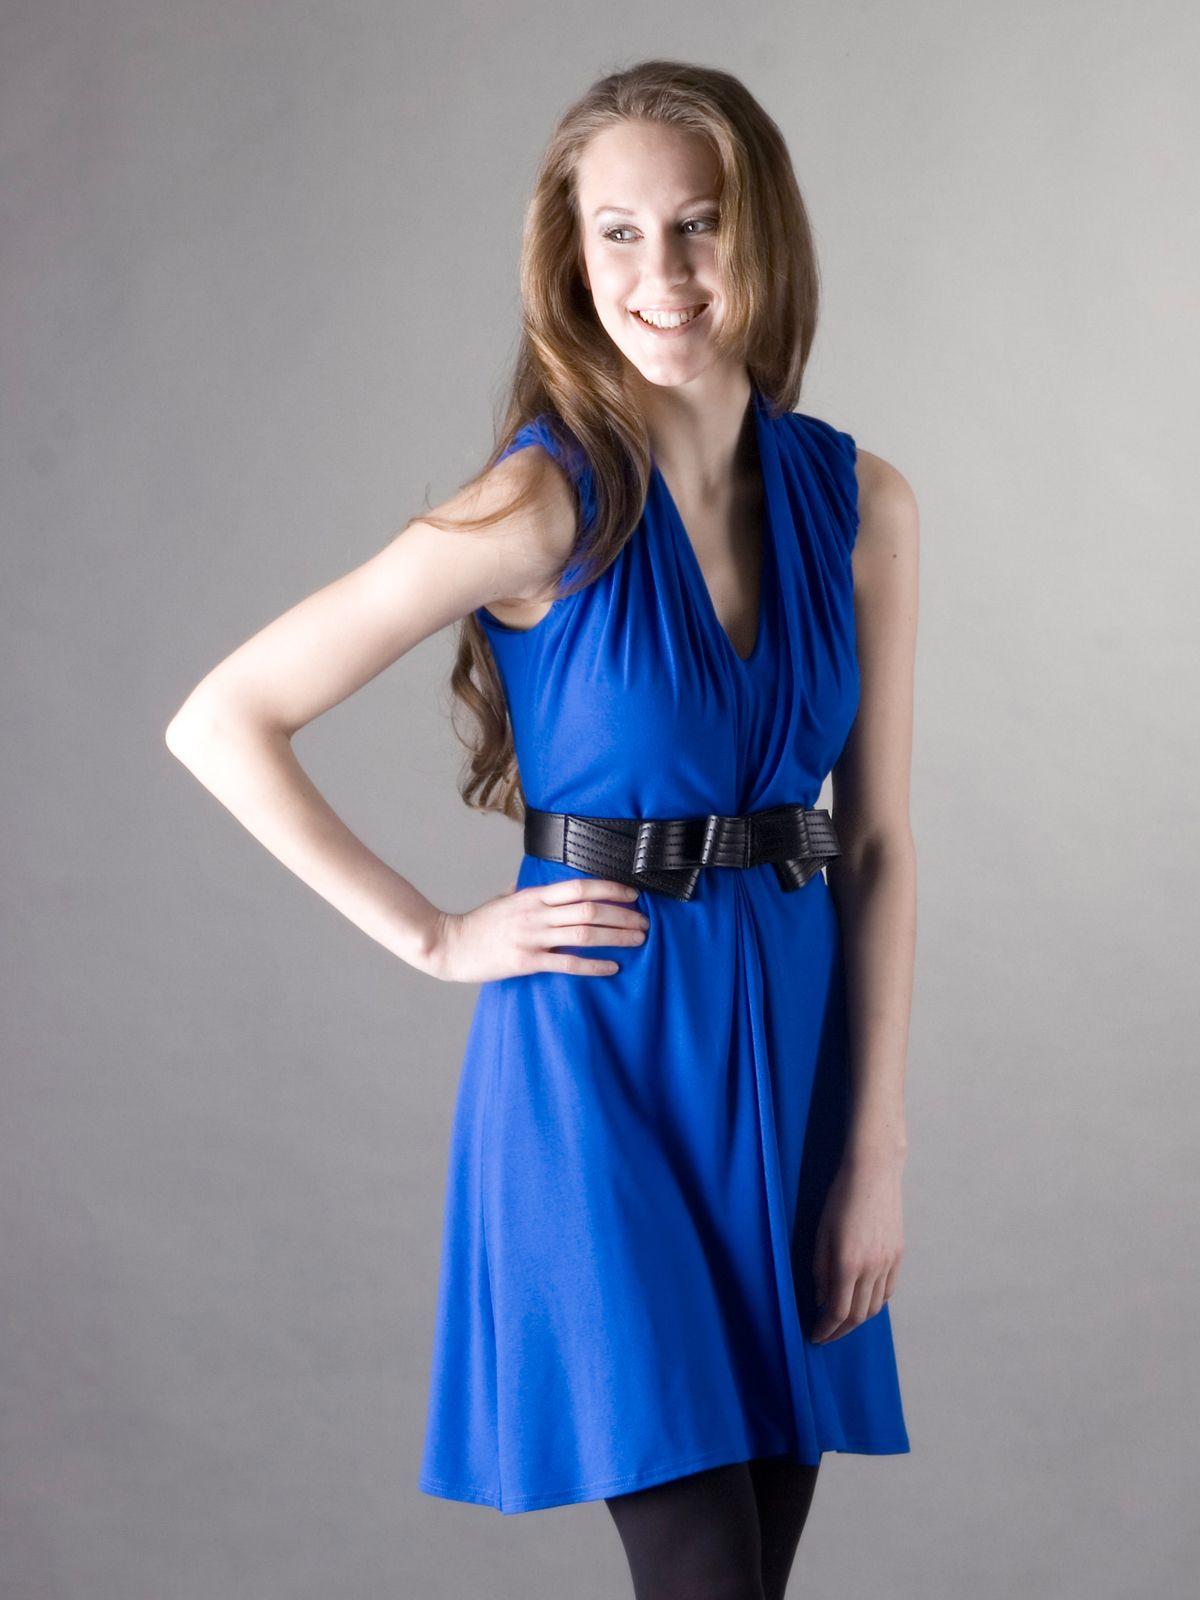 53940526b52d Modré šaty s řasením za krk V modrých šatech promyšleného střihu budete  vypadat žensky a elegantně. Splývavé šaty zdobené geometrickým řasením za  krkem a v ...